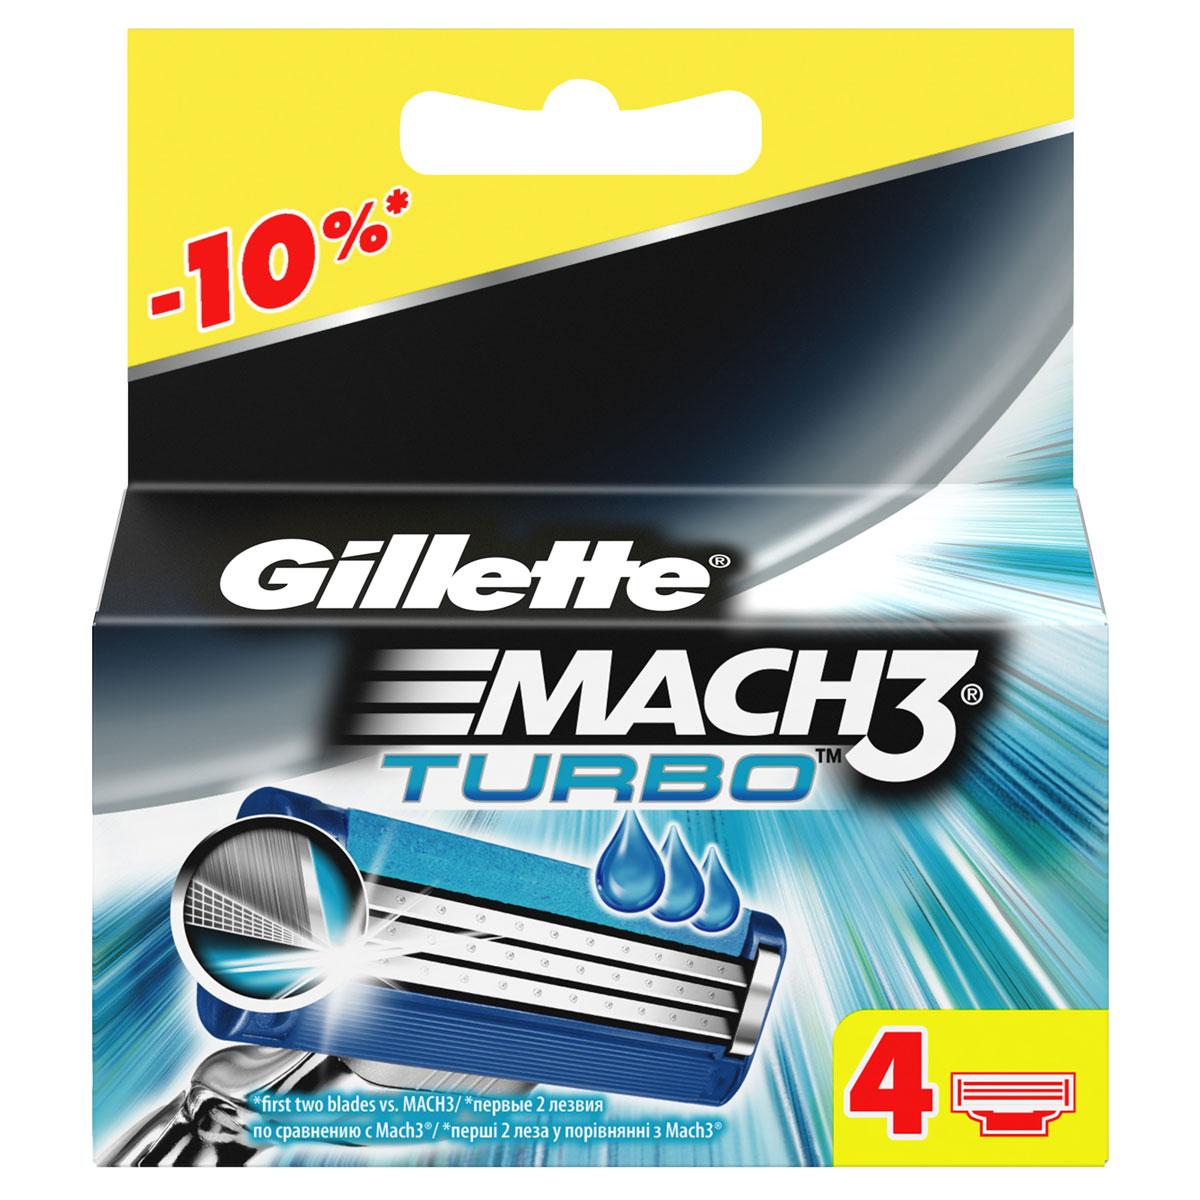 Gillette Сменные кассеты Mach3 Turbo, 4 штGE0701Новые лезвия. Острее, чем одноразоваябритва. Бреет без раздражения. Даже 10-ое бритье Mach3 комфортнее 1-го одноразовой бритвой.Совершенствуй процесс бритья с бритвой Mach3! Gillette Mach3 Turbo имеет более острые лезвия (первые два лезвия в сравнении с Mach3) и обеспечивает гладкое бритье без раздражения по сравнению одноразовыми бритвами Bluell Plus. Лезвия Turbo легче срезают щетину, не тянут и не дергают волоски (первые два лезвия в сравнении с Mach3), даря вам невероятный комфорт. В то же время гелевая полоска Comfort помогает сохранить дольшевашу бритву Mach3 Turbo и мягко скользит по коже (по сравнению с одноразовыми бритвенными станками Bluell Plus). Этот станок имеет вдвое больше микрогребней SkinGuard для мягкости бритья (по сравнению с одноразовыми бритвенными станками Bluell Plus). Плавающая головка обеспечивает тесный контакт лезвий с кожей, рукоятка с регулировкой нажатия адаптируется к контурам лица для более легкого и комфортного бритья (по сравнению с одноразовыми бритвенными станками Blueell Plus). Даже десятое бритье Mach 3 комфортнее первого одноразовой бритвой (по сравнению с одноразовыми станками для бритья Bluell Plus).Первые два лезвия по сравнению с Gillette BlueII Plus По сравнению с Gillette BlueII Plus Срок хранения – 5 лет.Страна производства – Польша. Характеристики:Материал: пластик, металл. Количество в упаковке: 4 шт. Производитель: Германия. Товар сертифицирован.